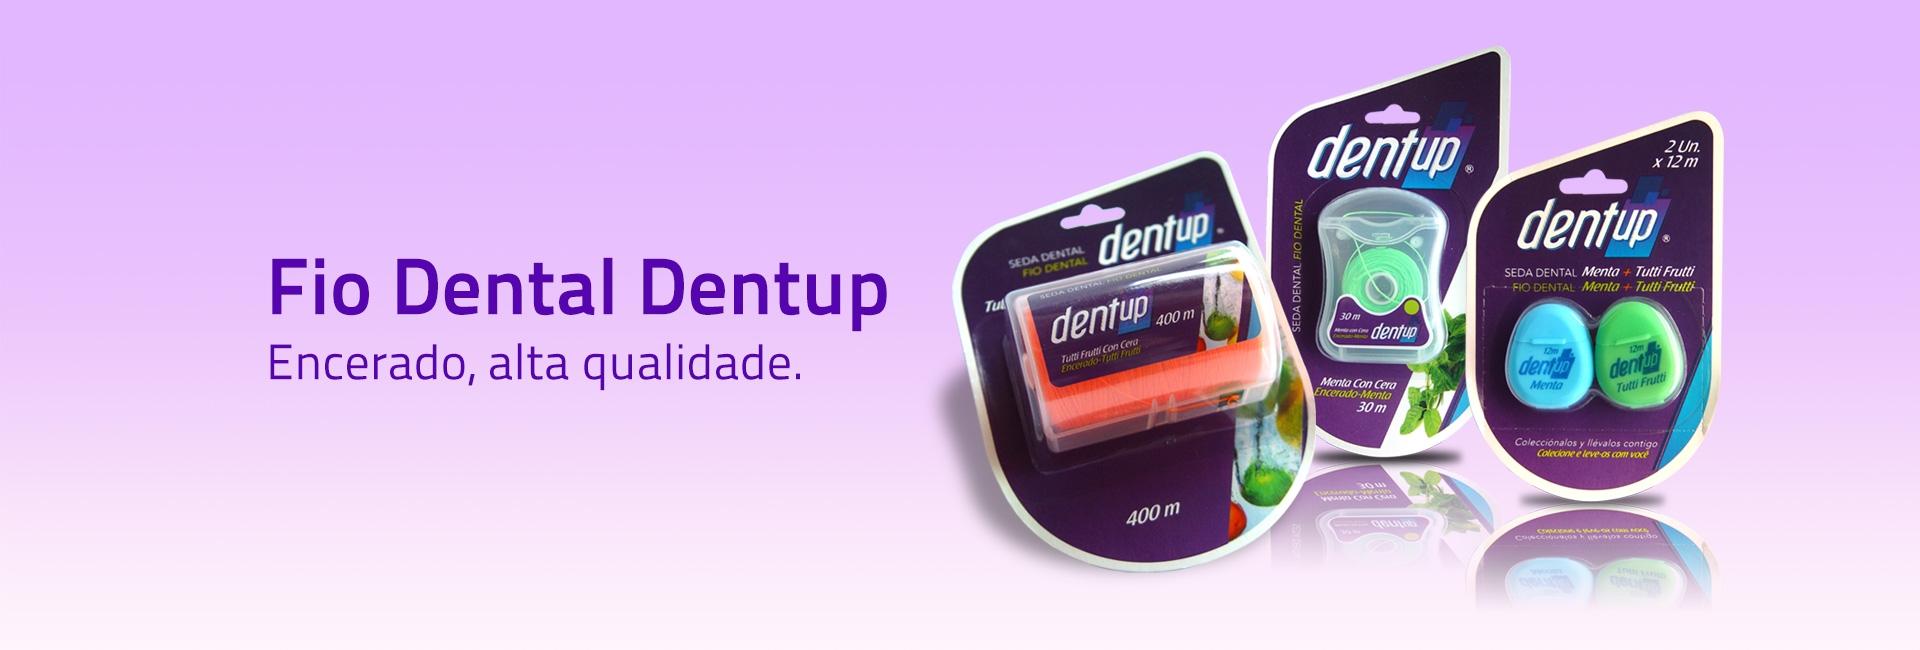 Dentup